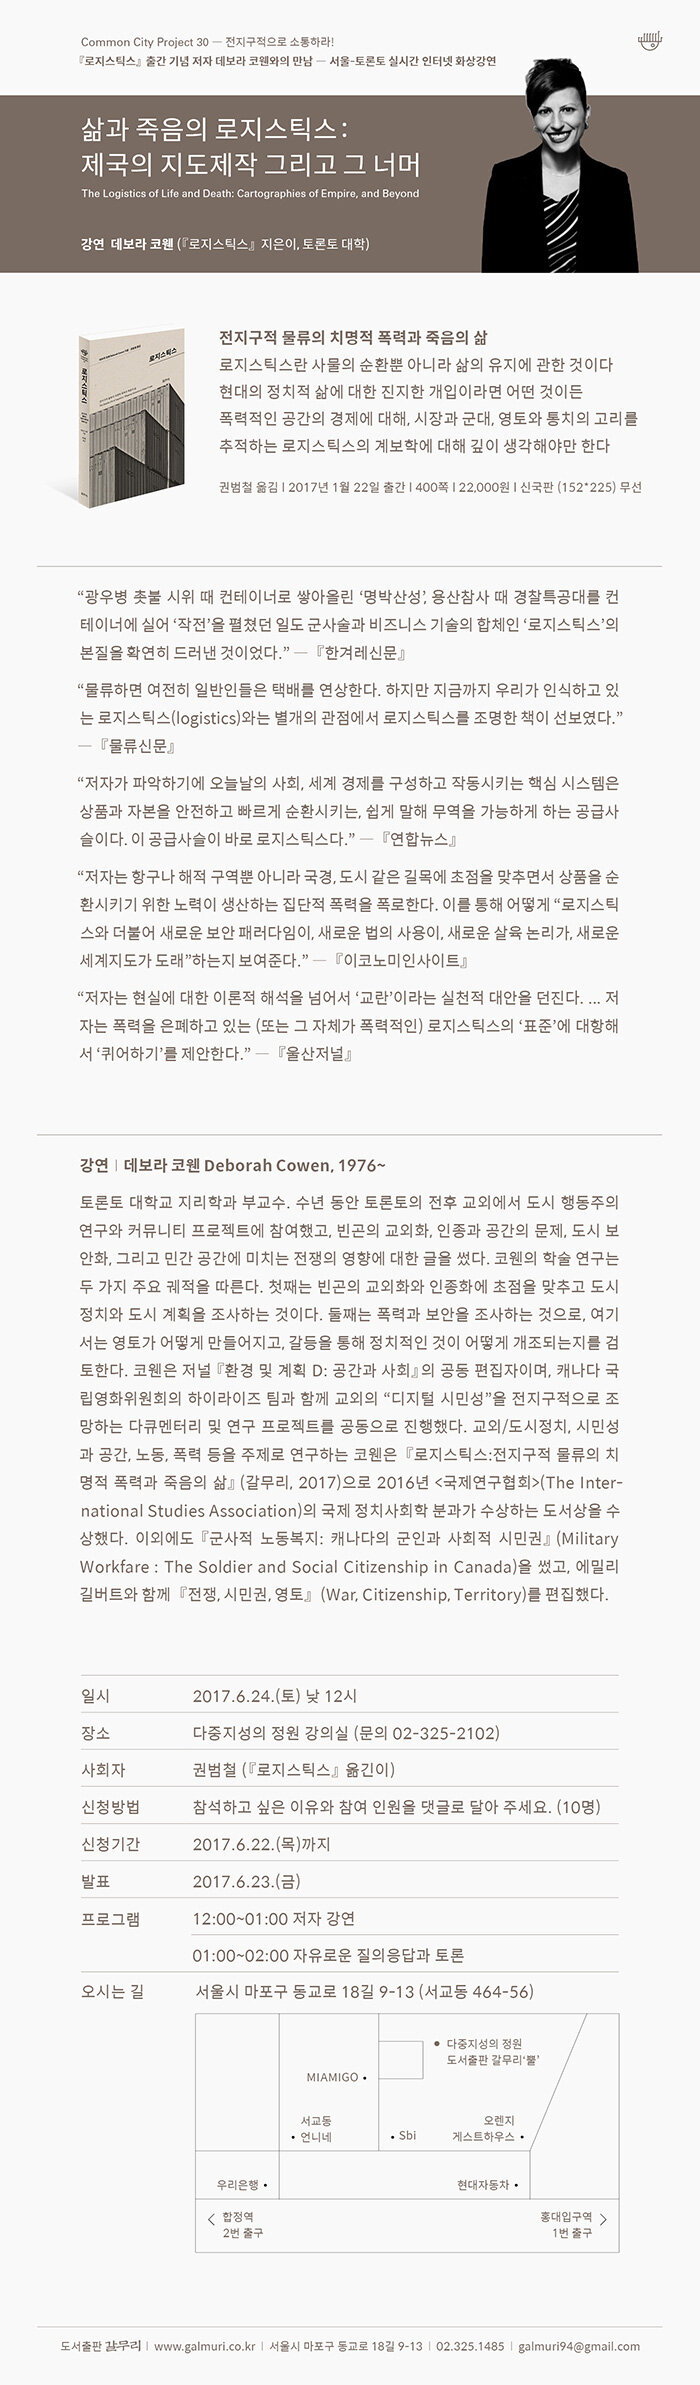 <로지스틱스> 데보라 코웬 강연